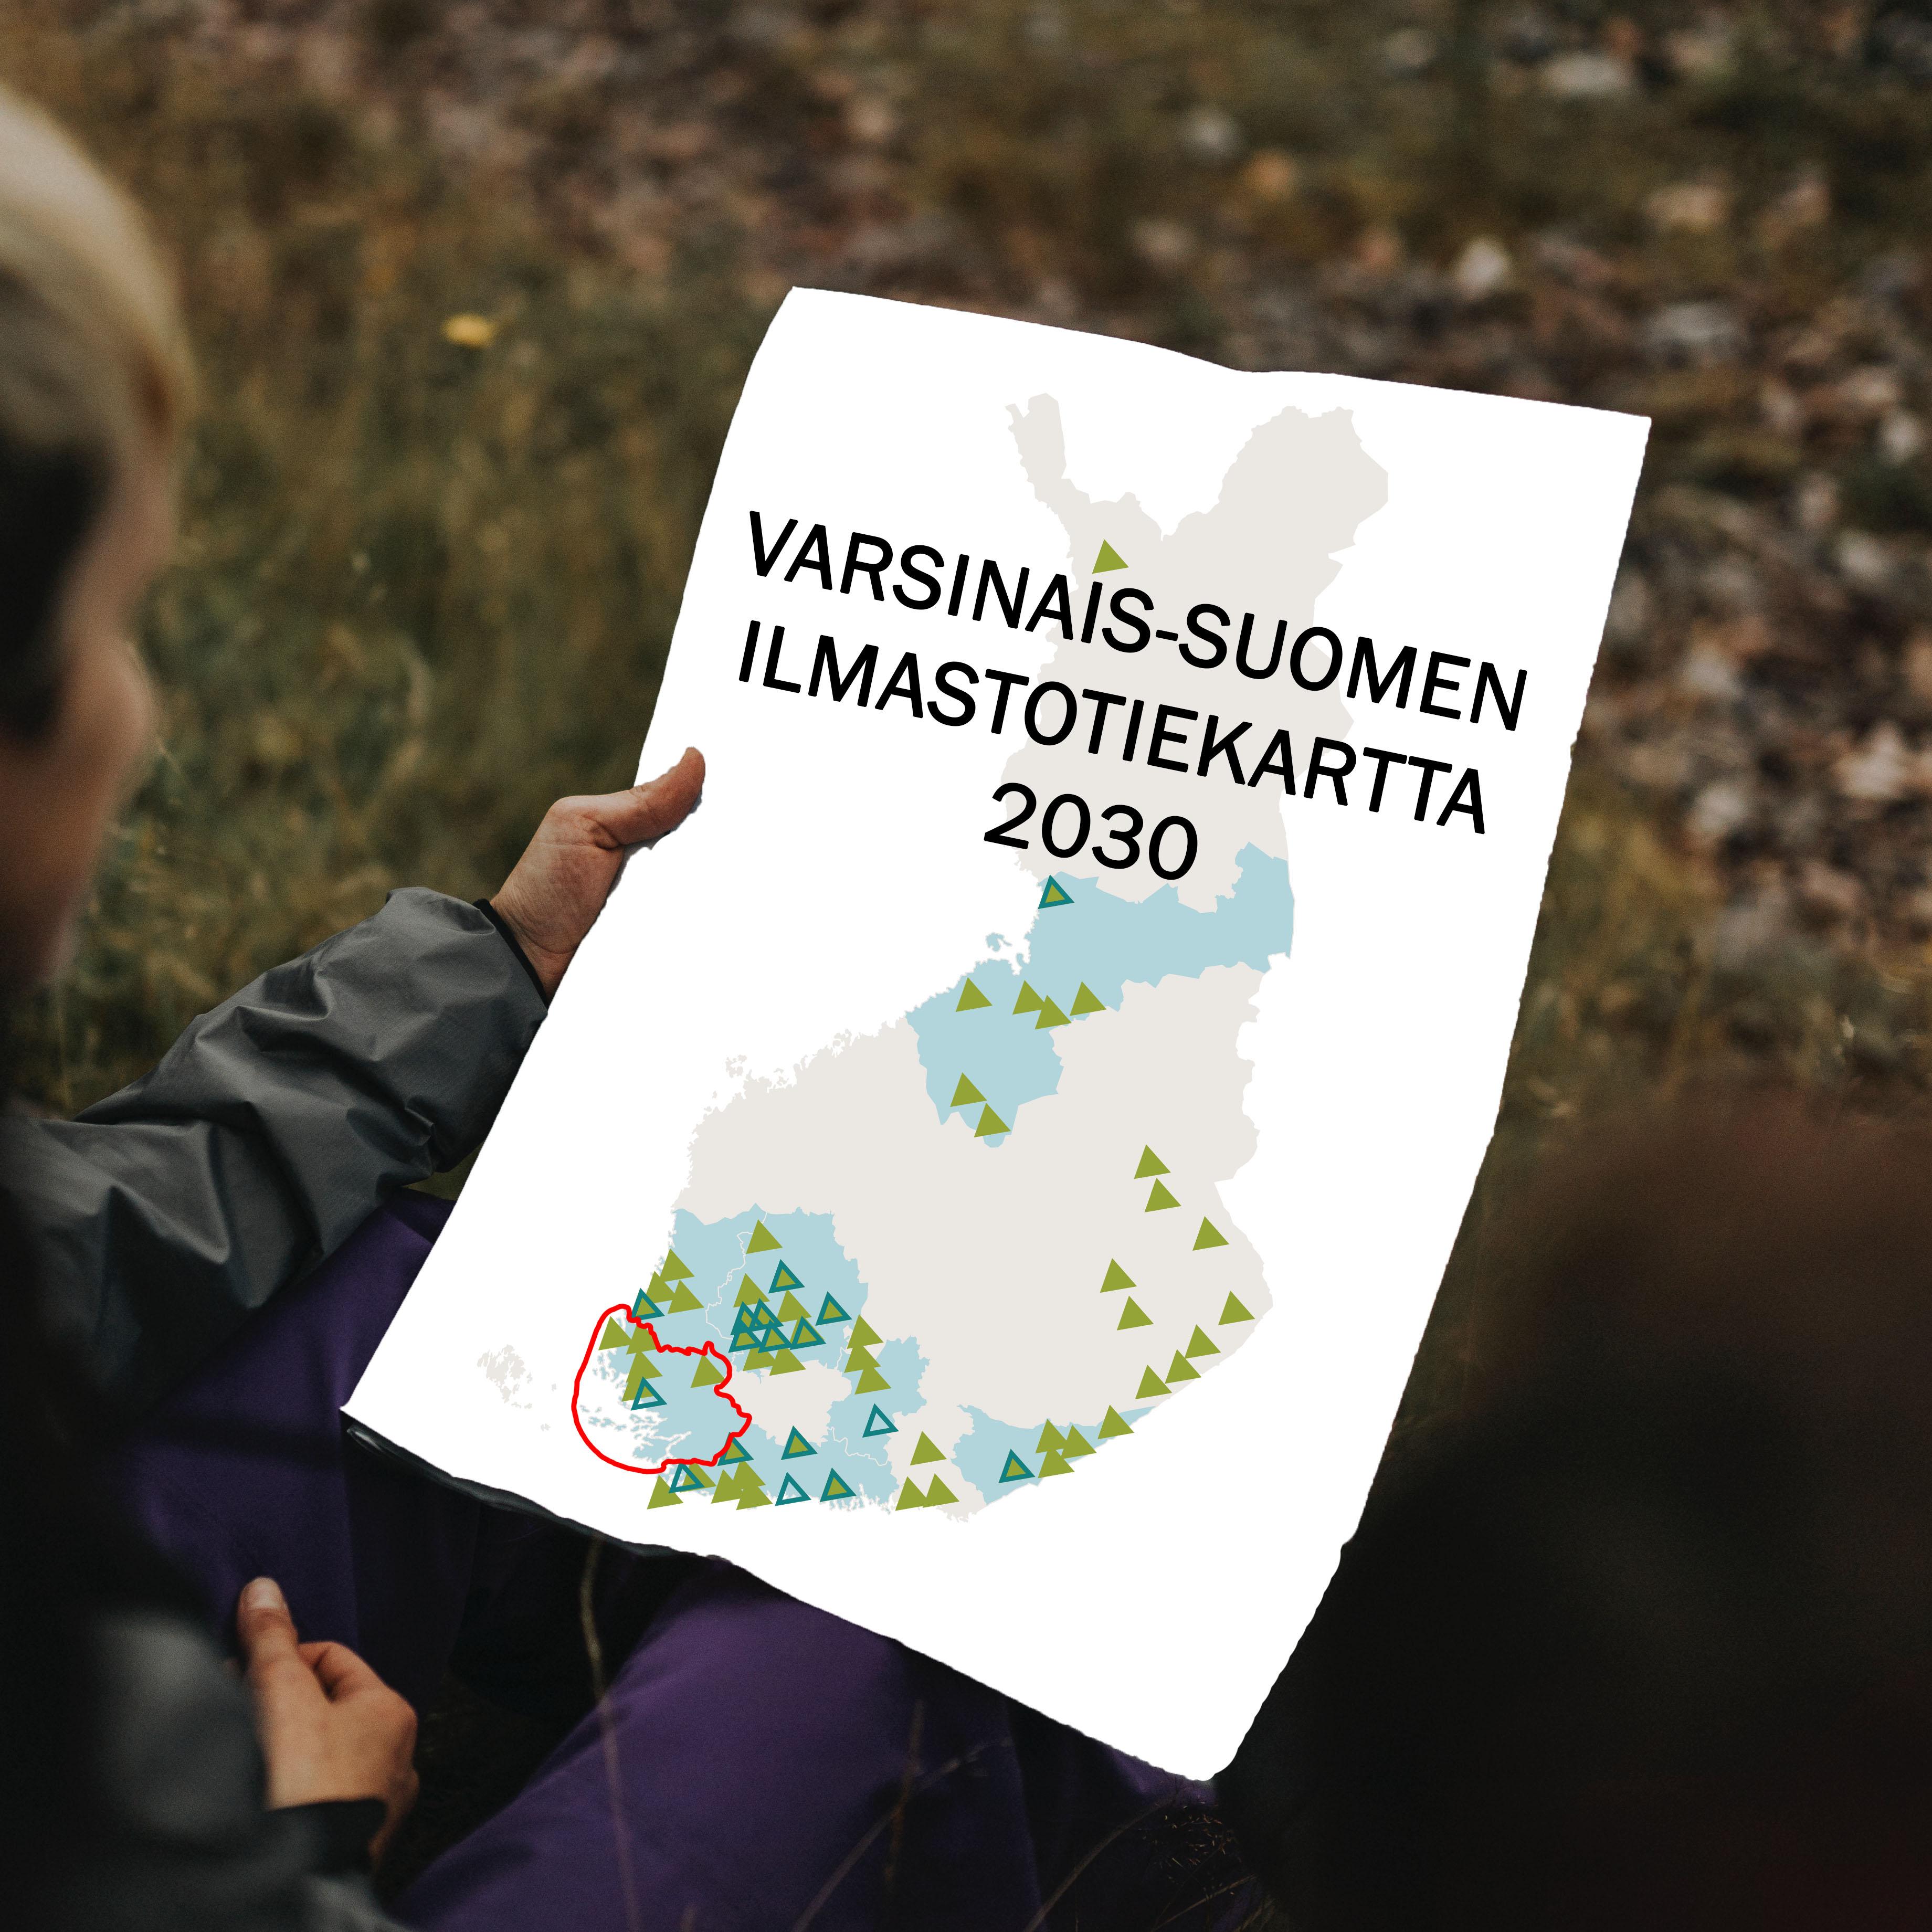 CANEMURE-kartta ja teksti: Varsinais-Suomen ilmastotiekartta 2030